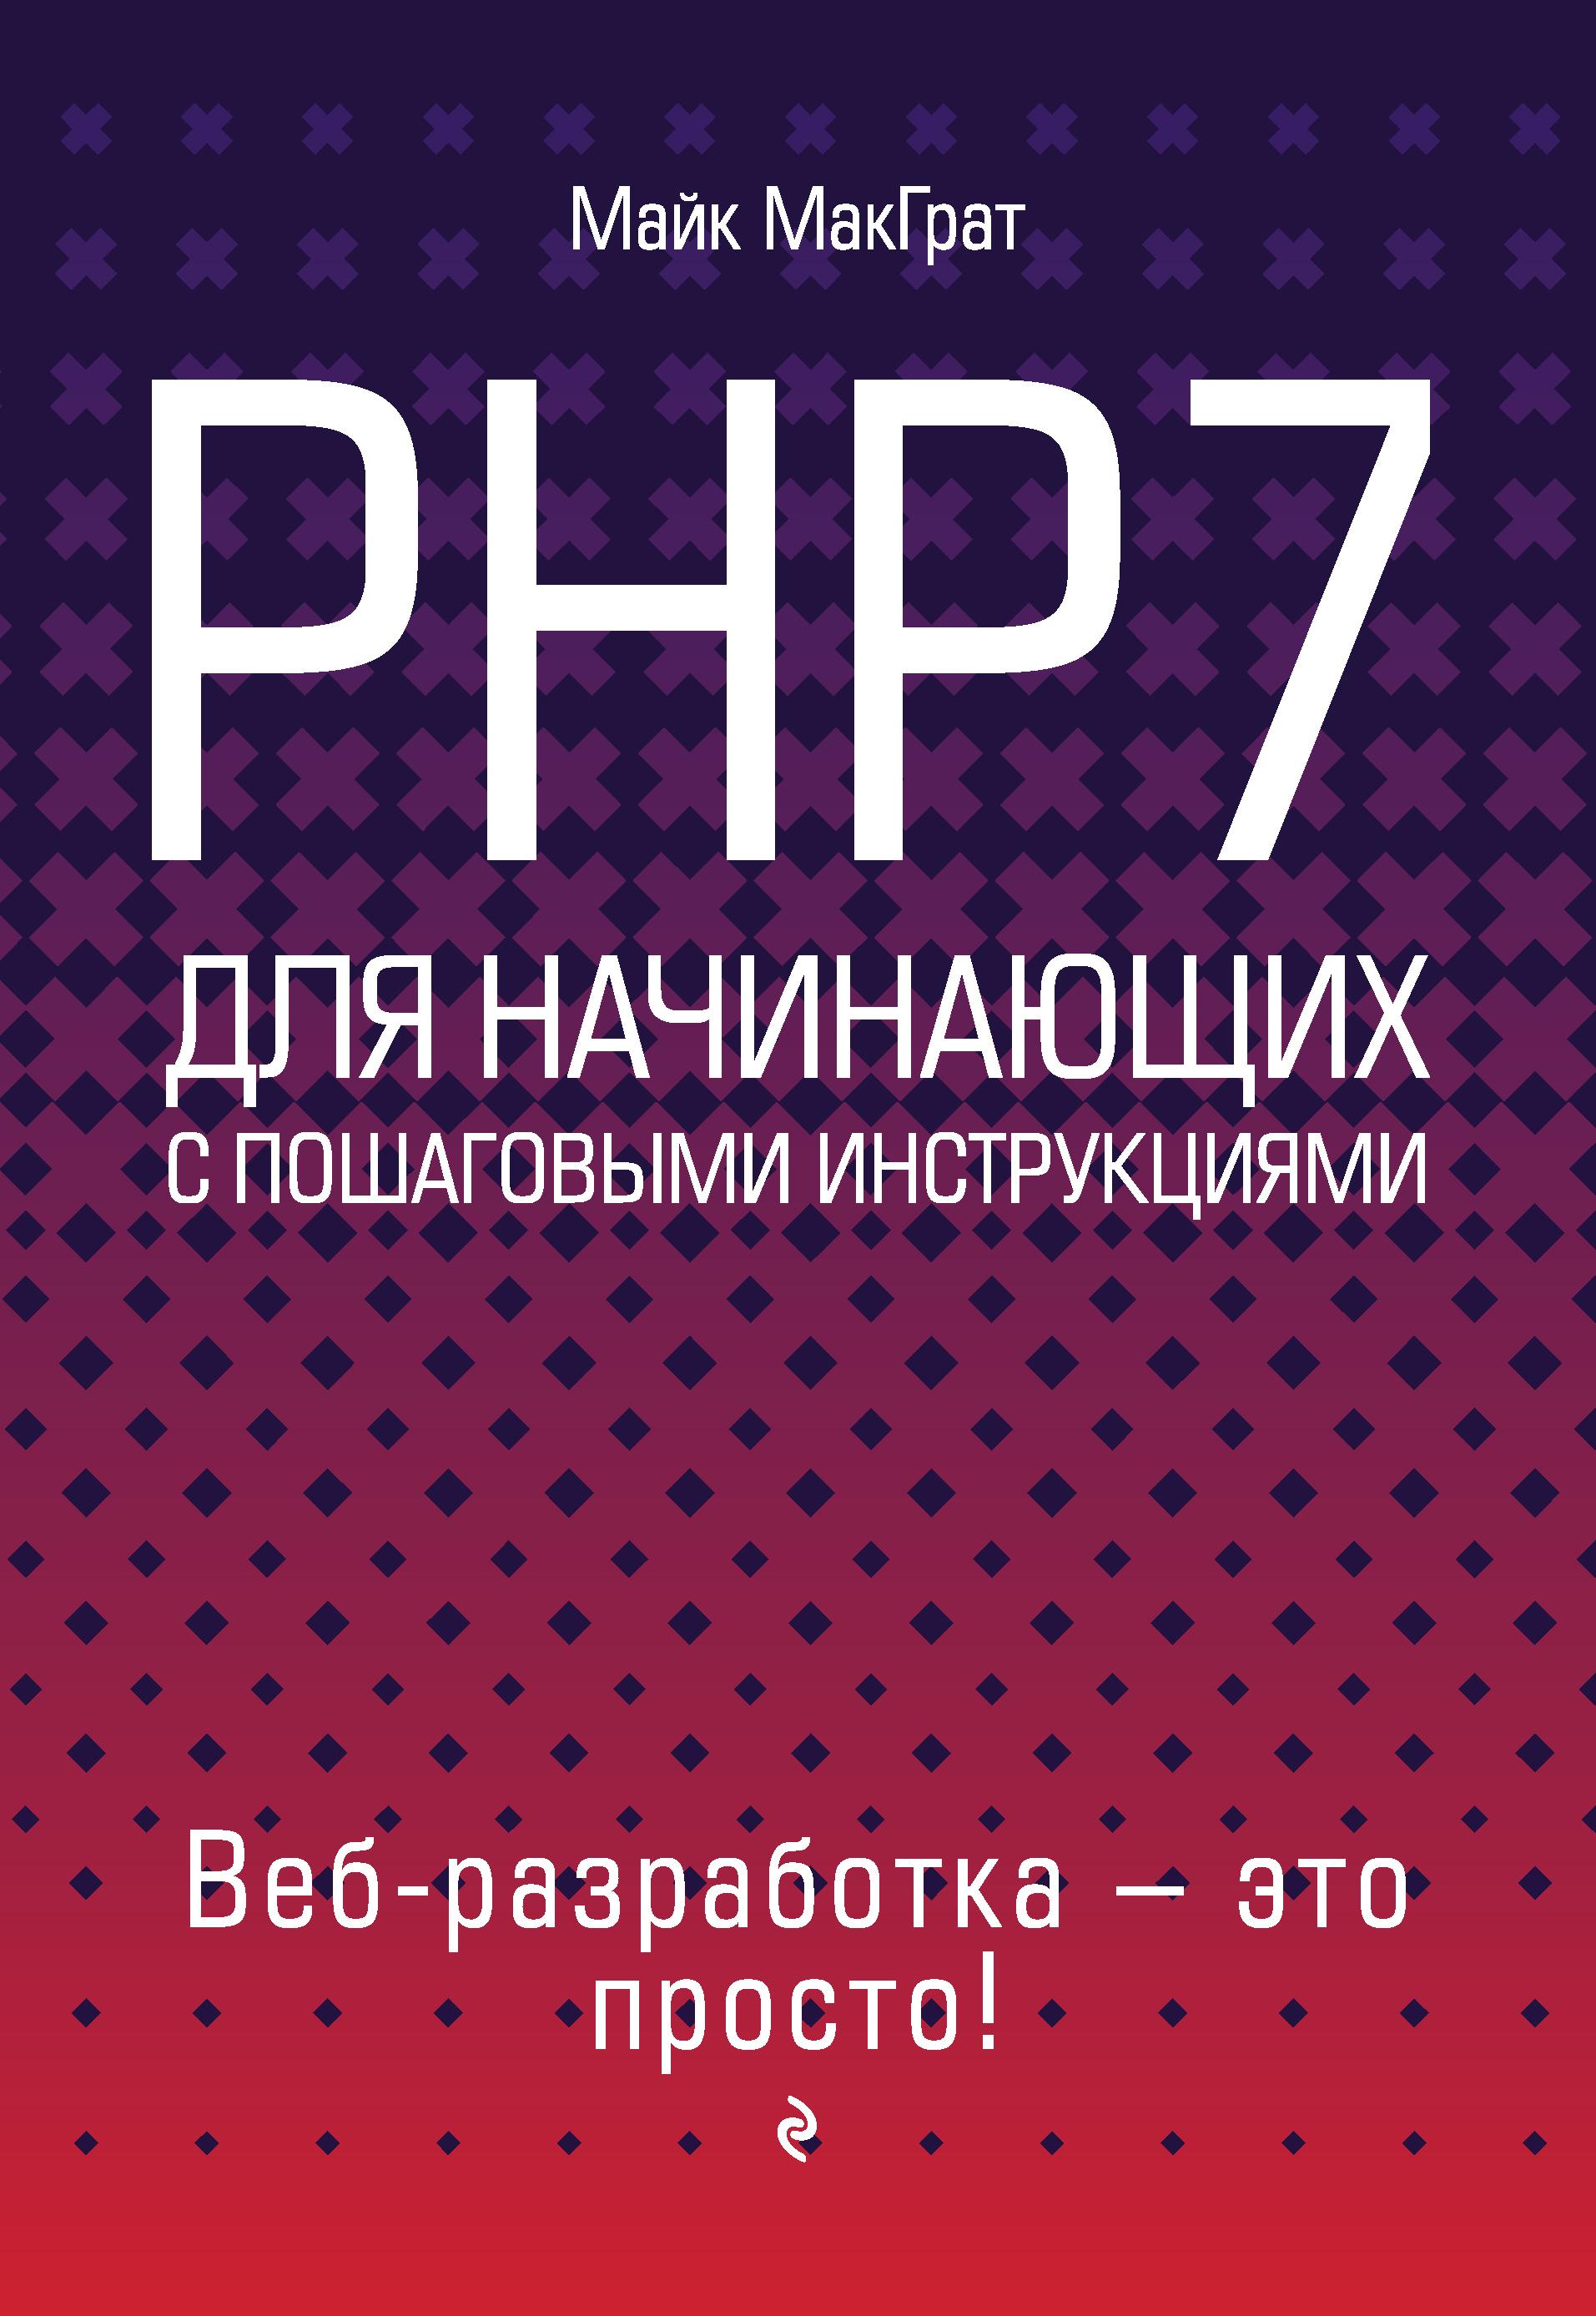 цена на Майк МакГрат PHP7 для начинающих с пошаговыми инструкциями